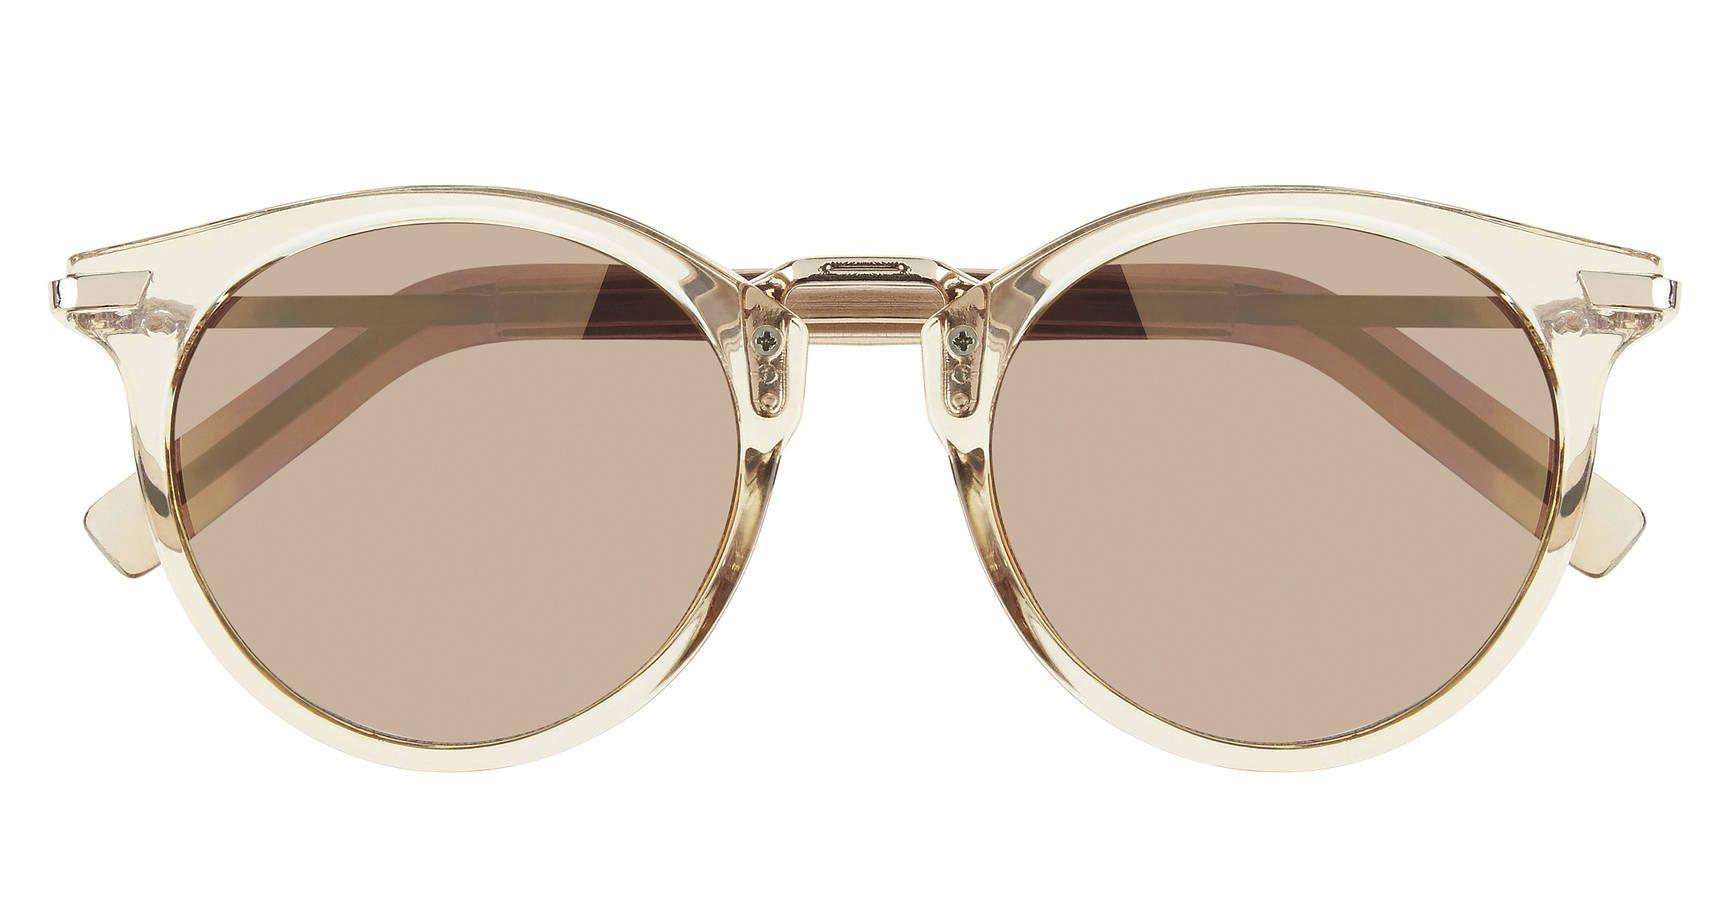 9a6d404f52225 Lunettes de soleil femme été 2019   40 paires de lunettes de soleil ...